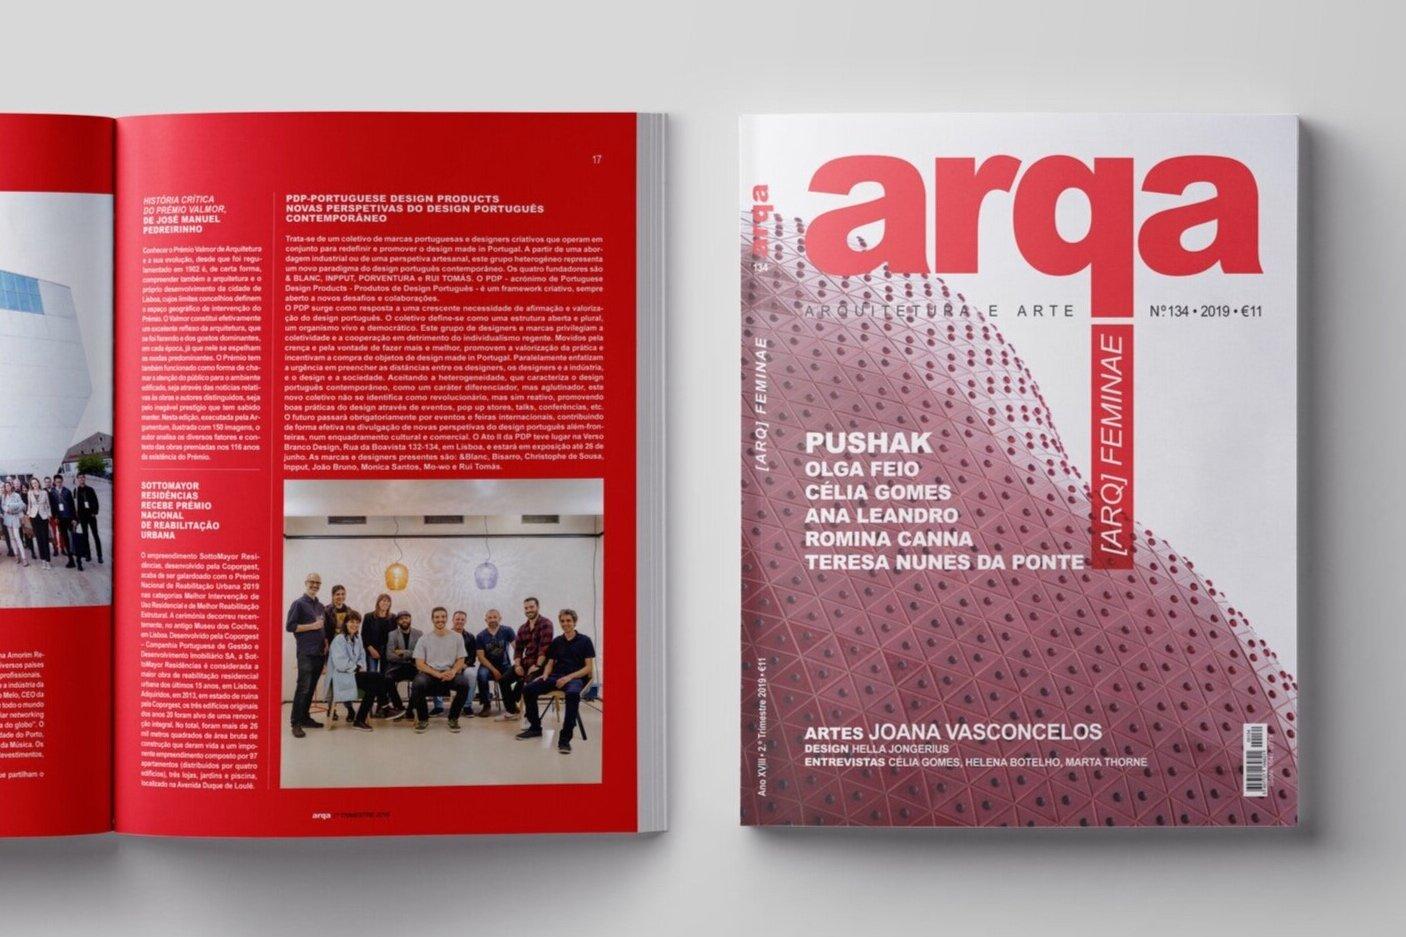 Revista+ARQA+134+Rui+Tom%C3%A1s+Design.jpg